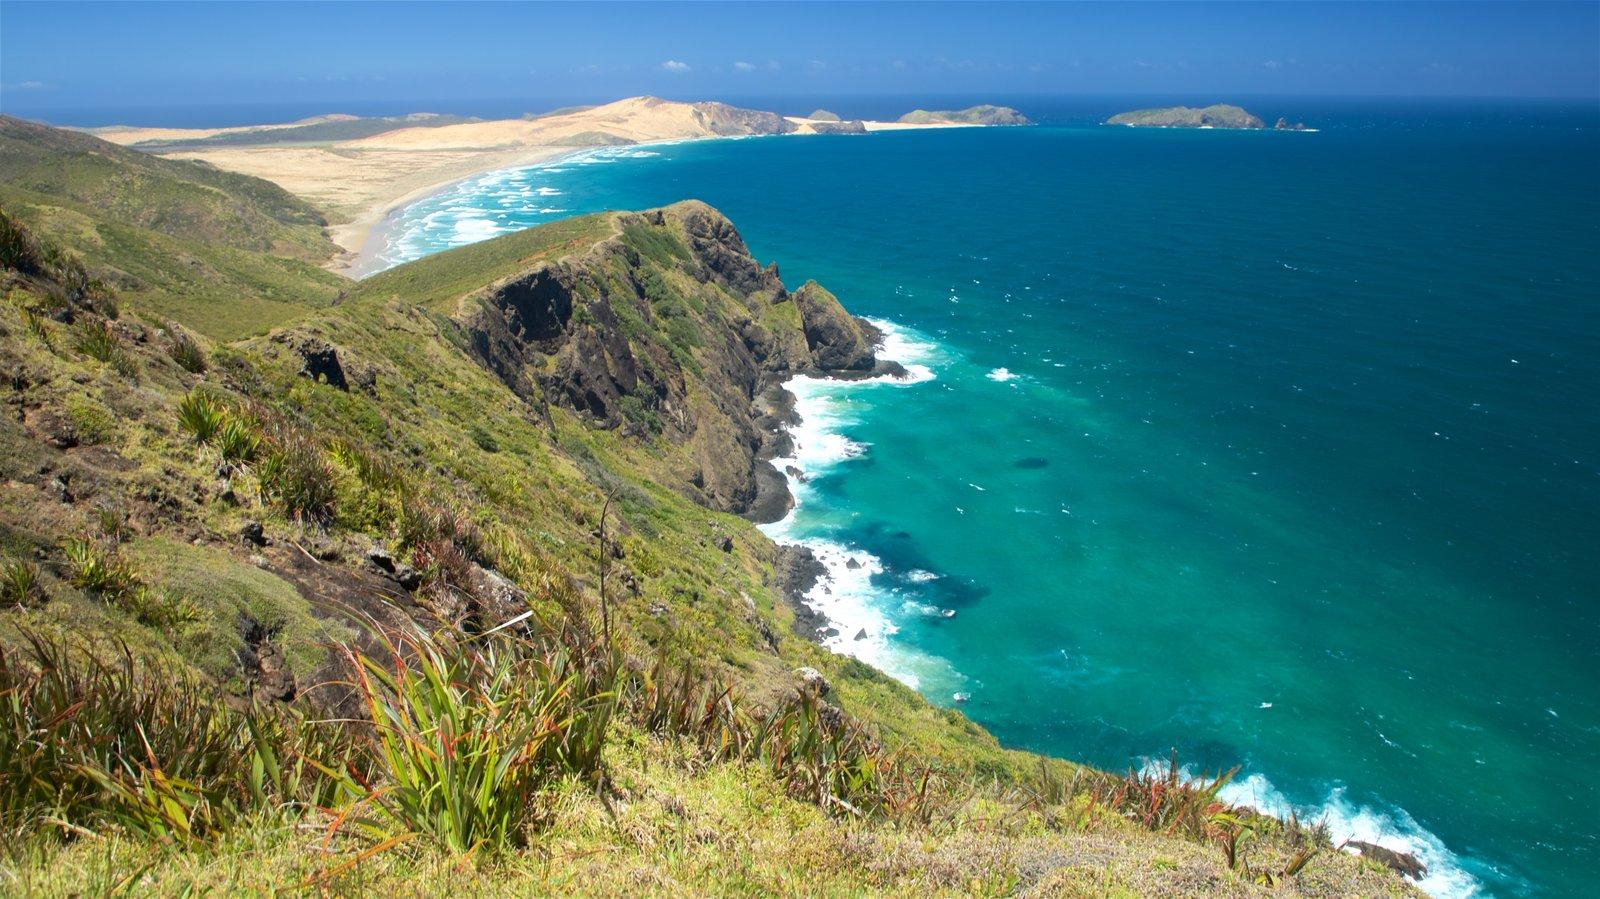 Cape Reinga ofreciendo costa escarpada y vistas generales de la costa